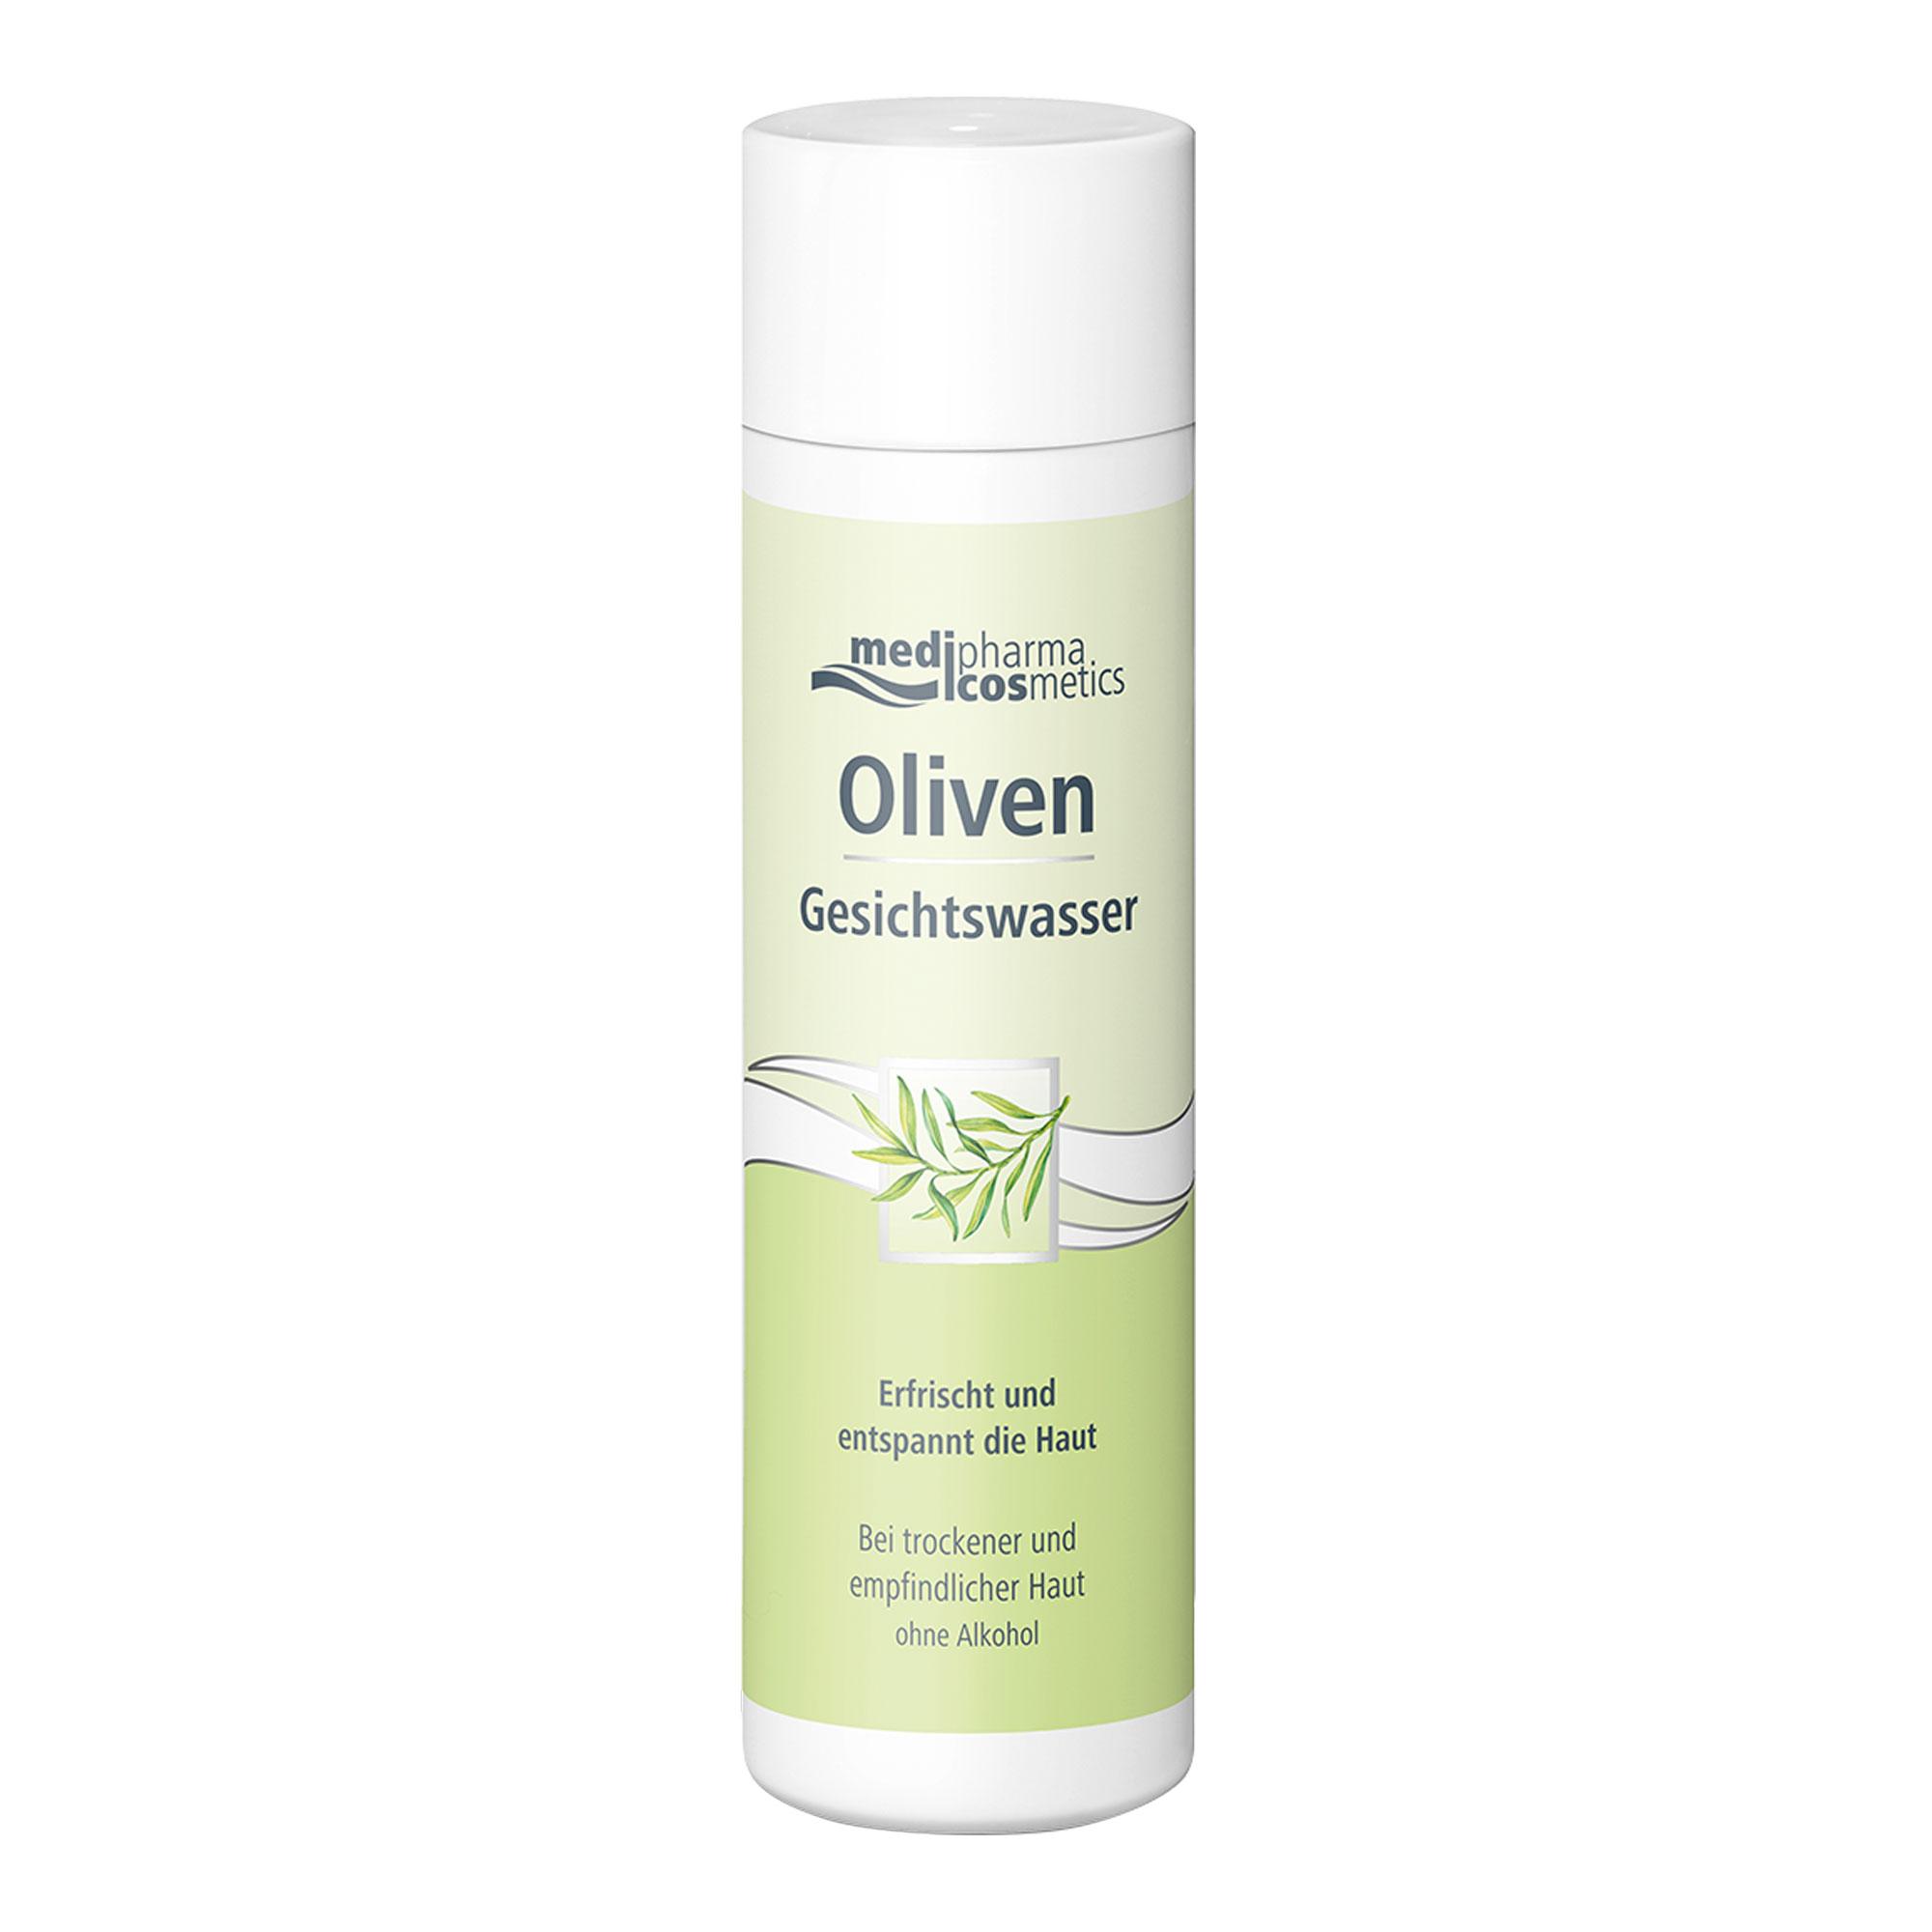 Oliven Gesichtswasser